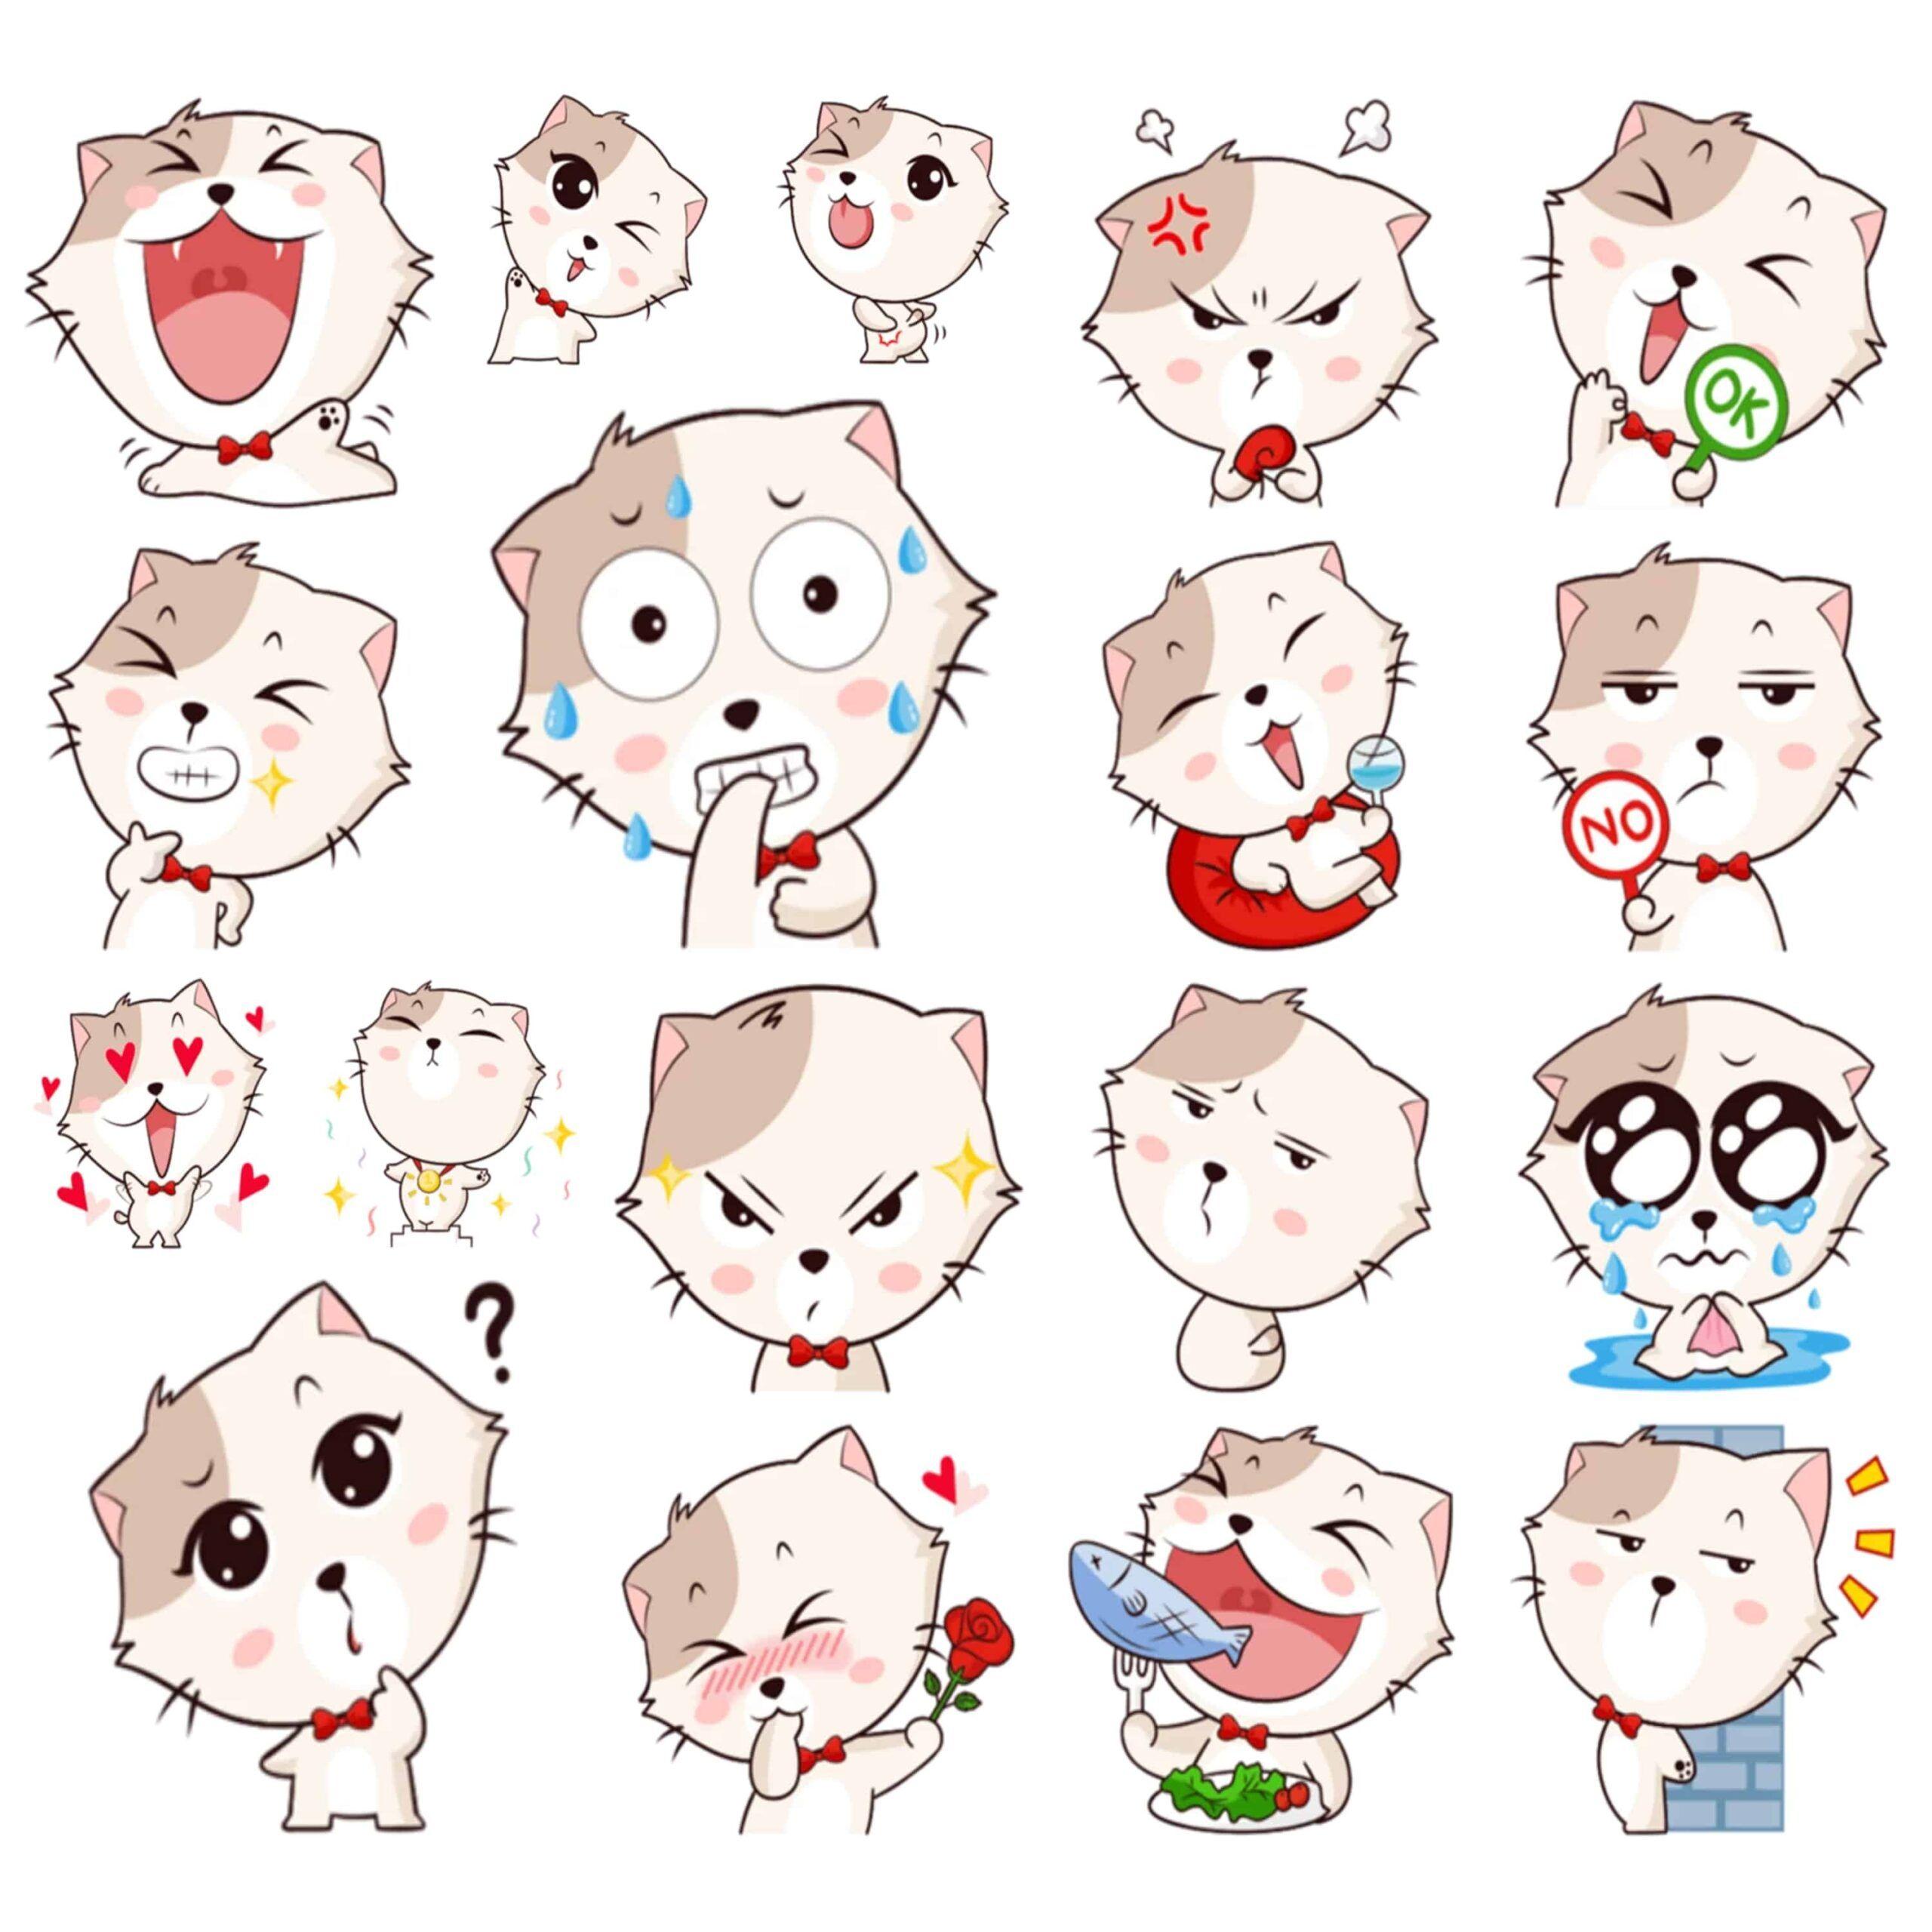 القطة اللطيفة In 2021 Character Fictional Characters Snoopy